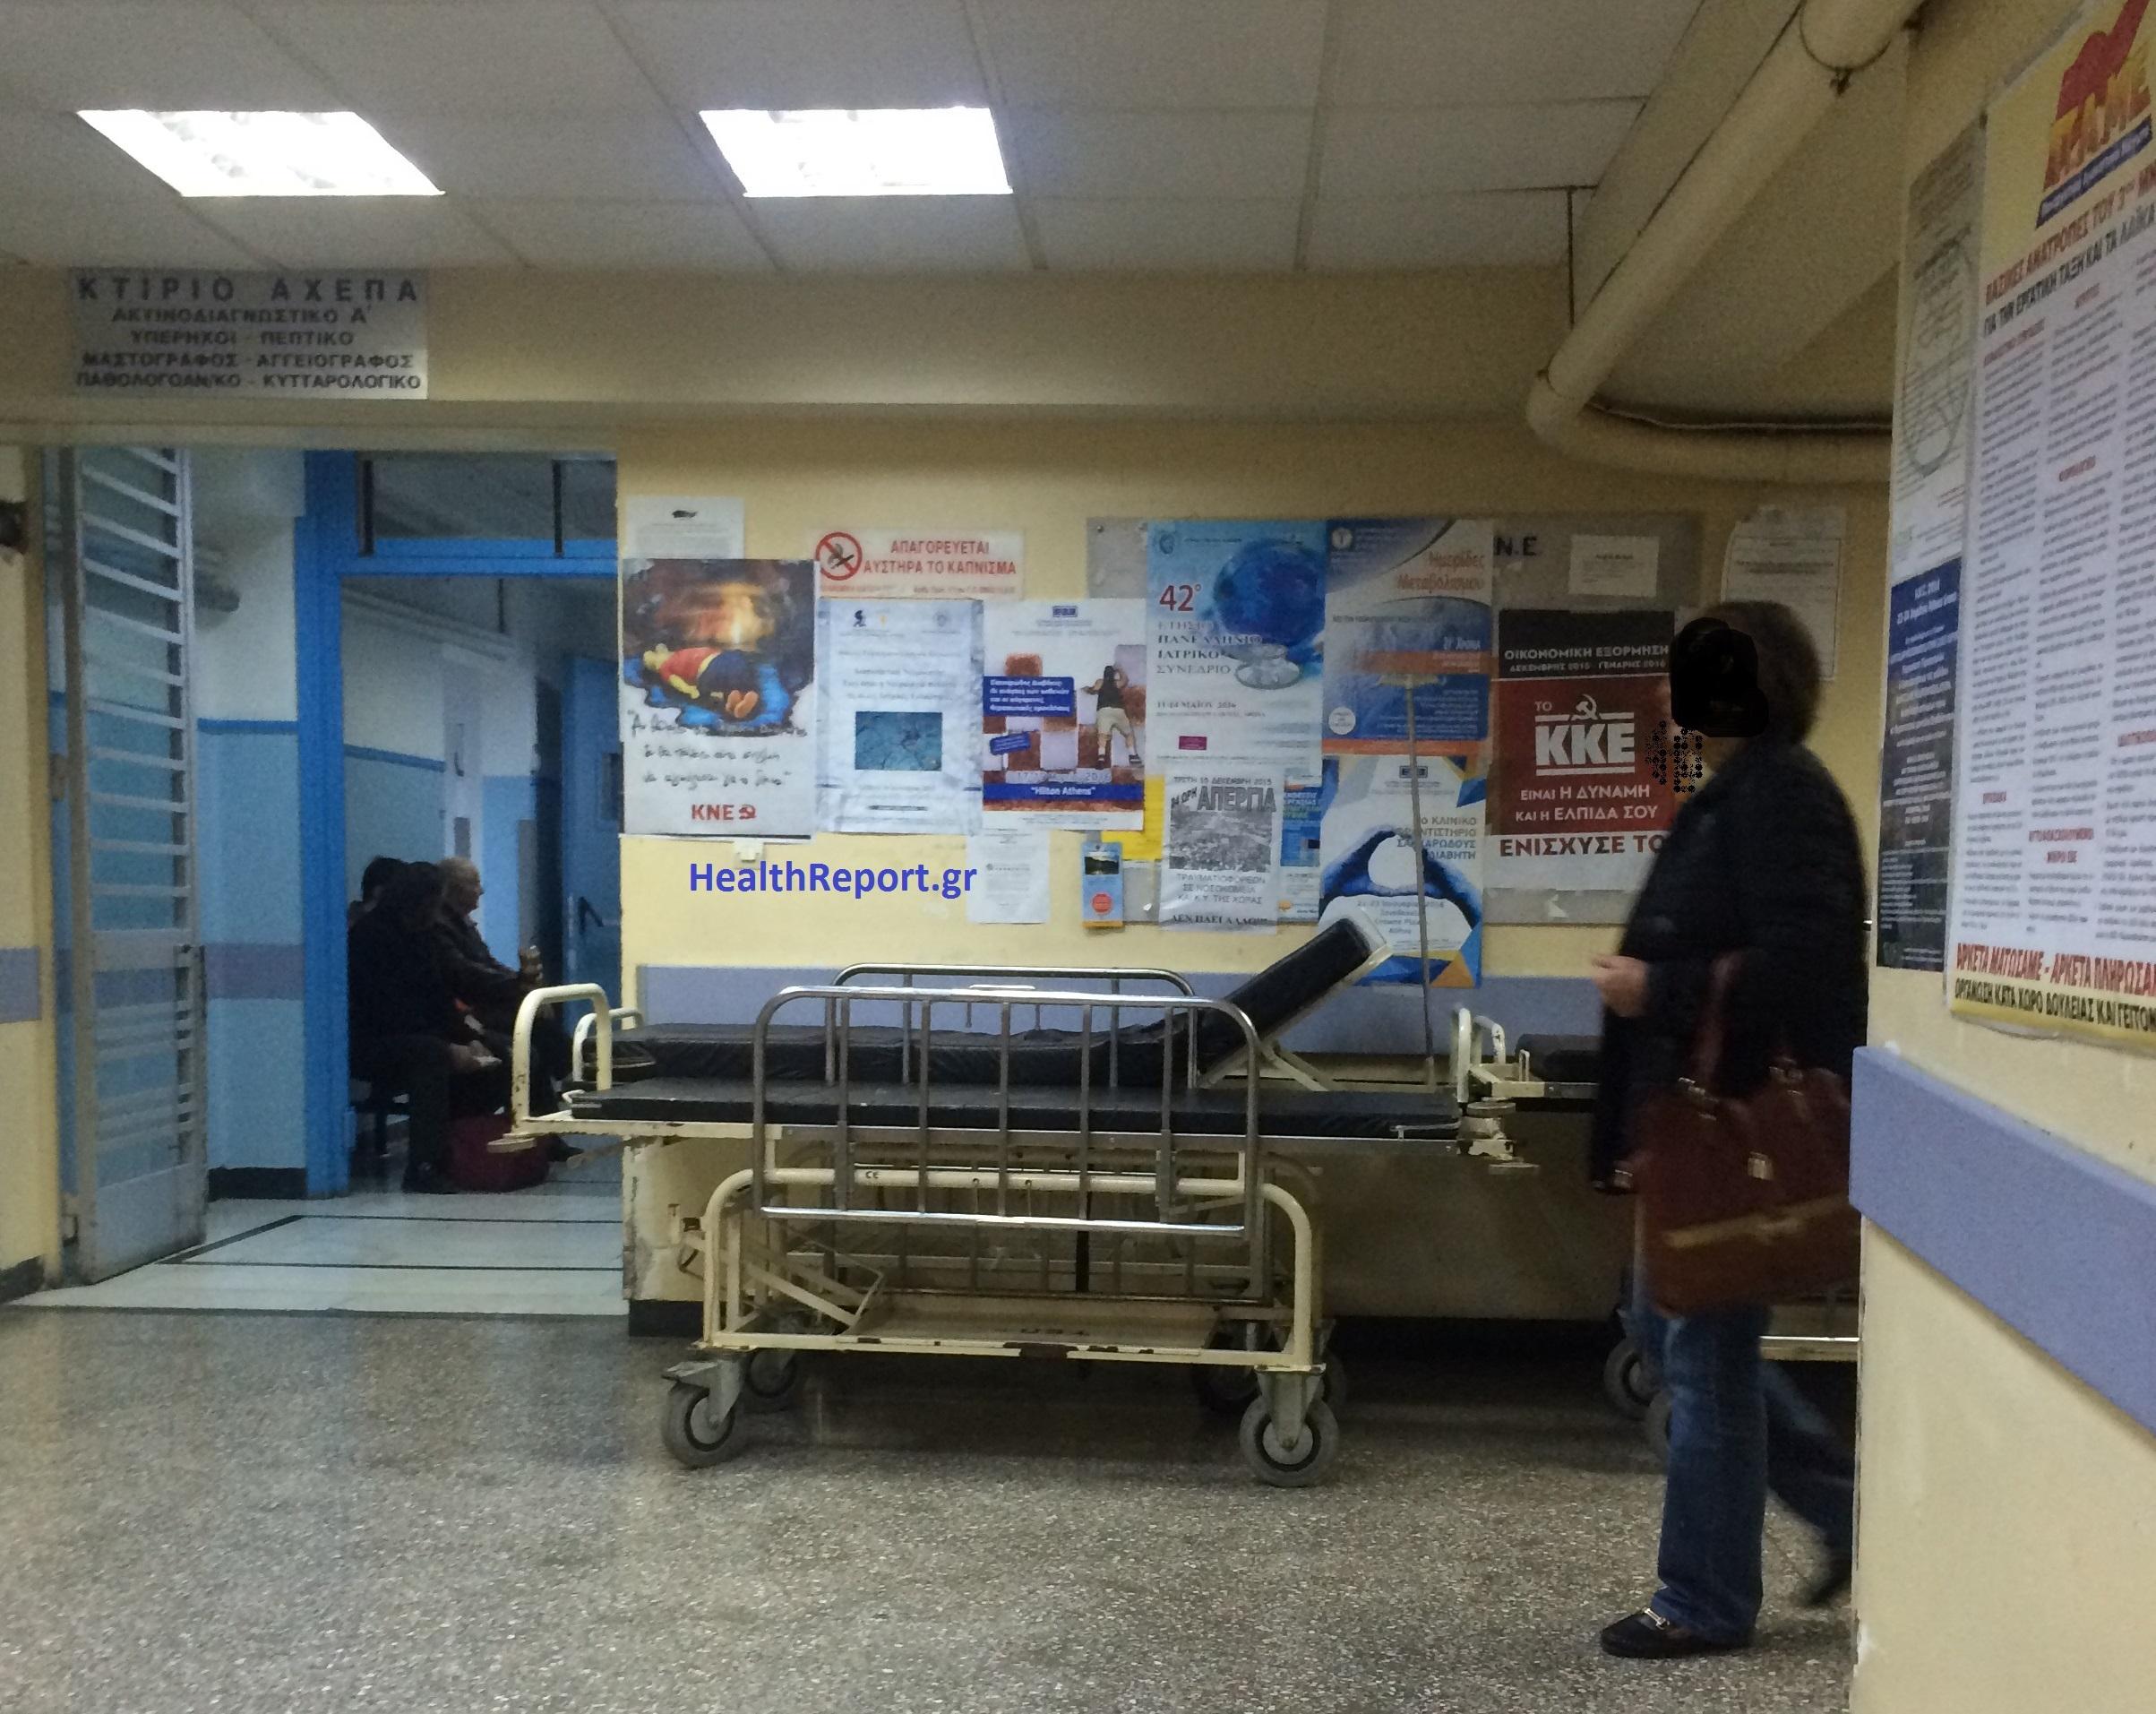 Έρχονται οι πρώτοι διοικητές των νοσοκομείων!